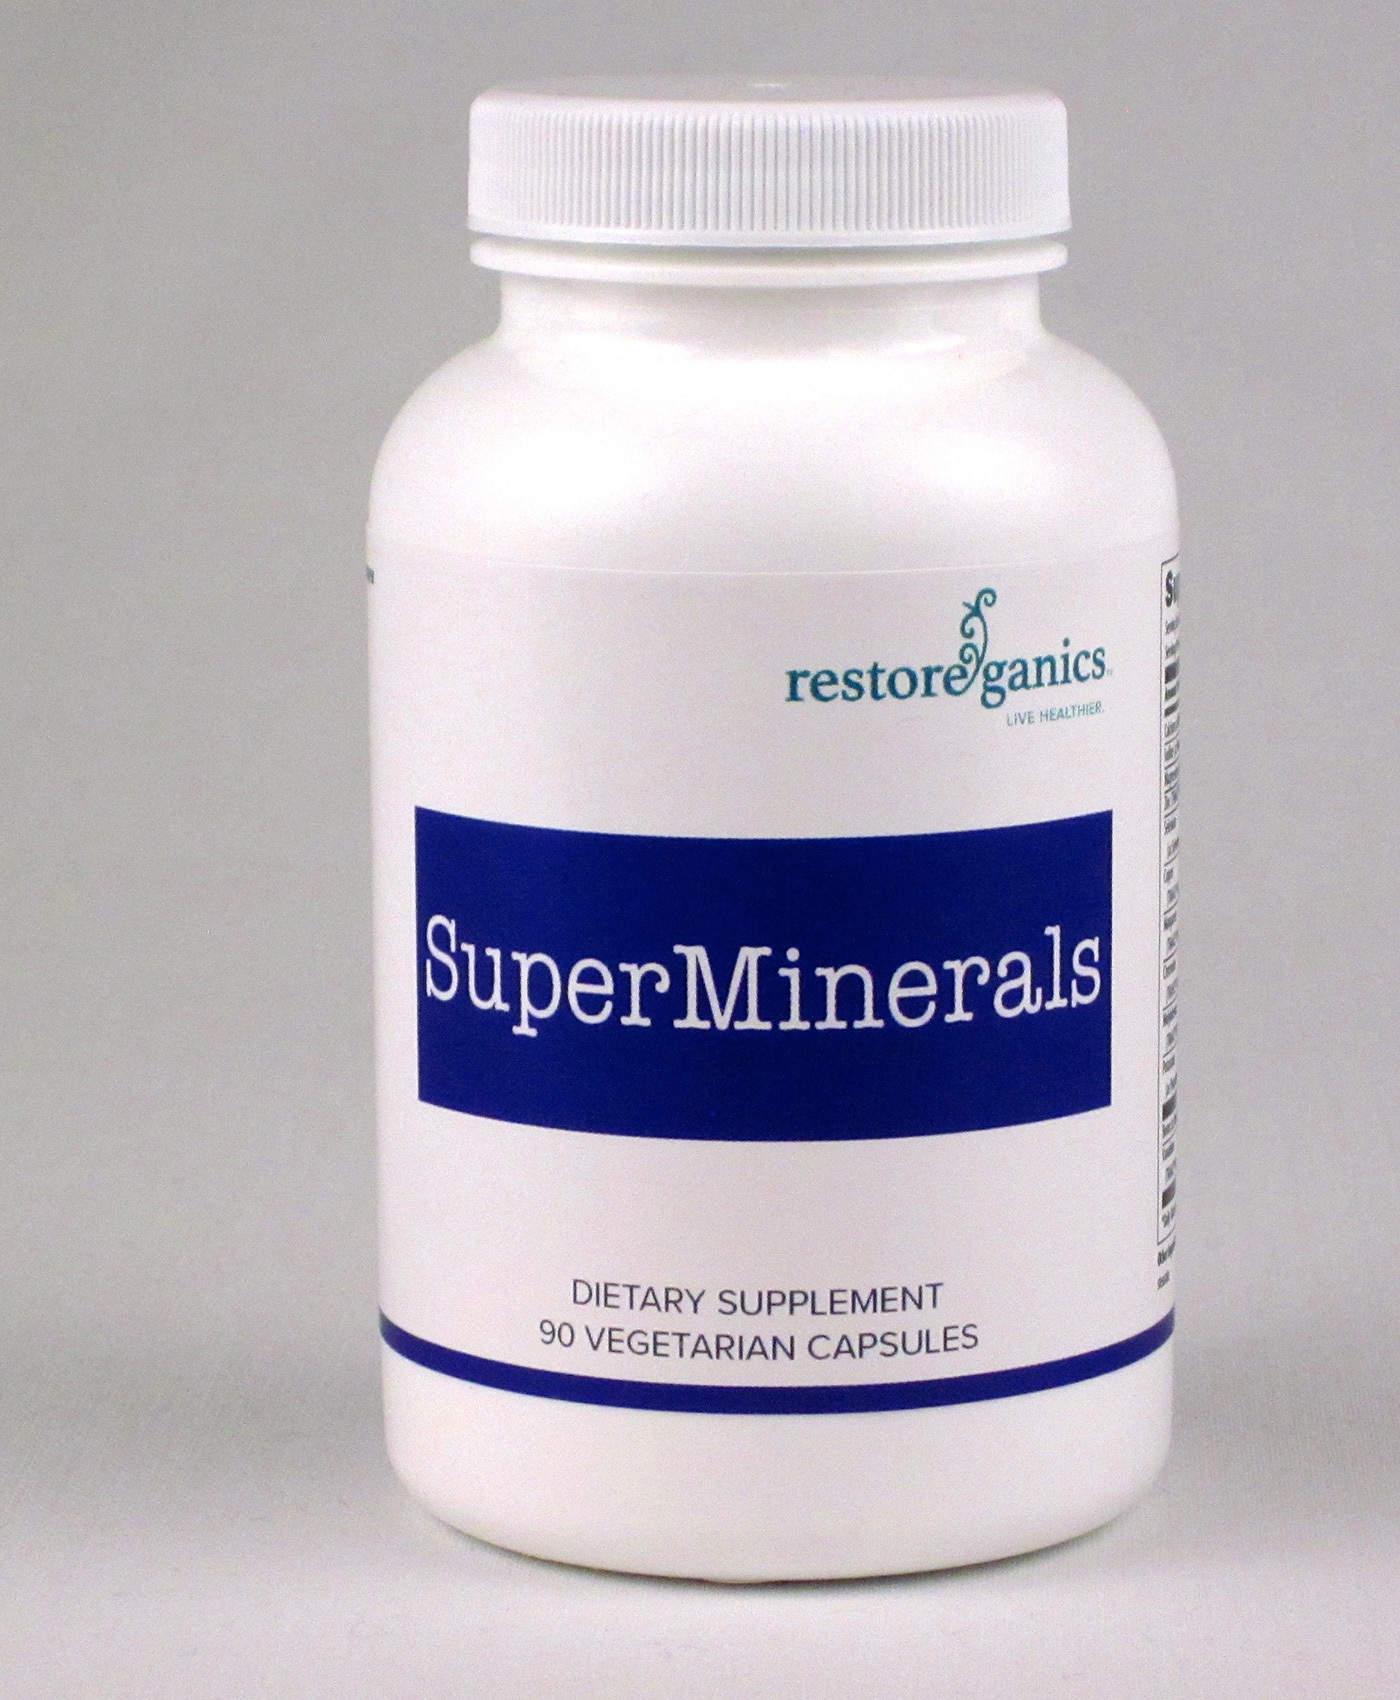 Super Minerals